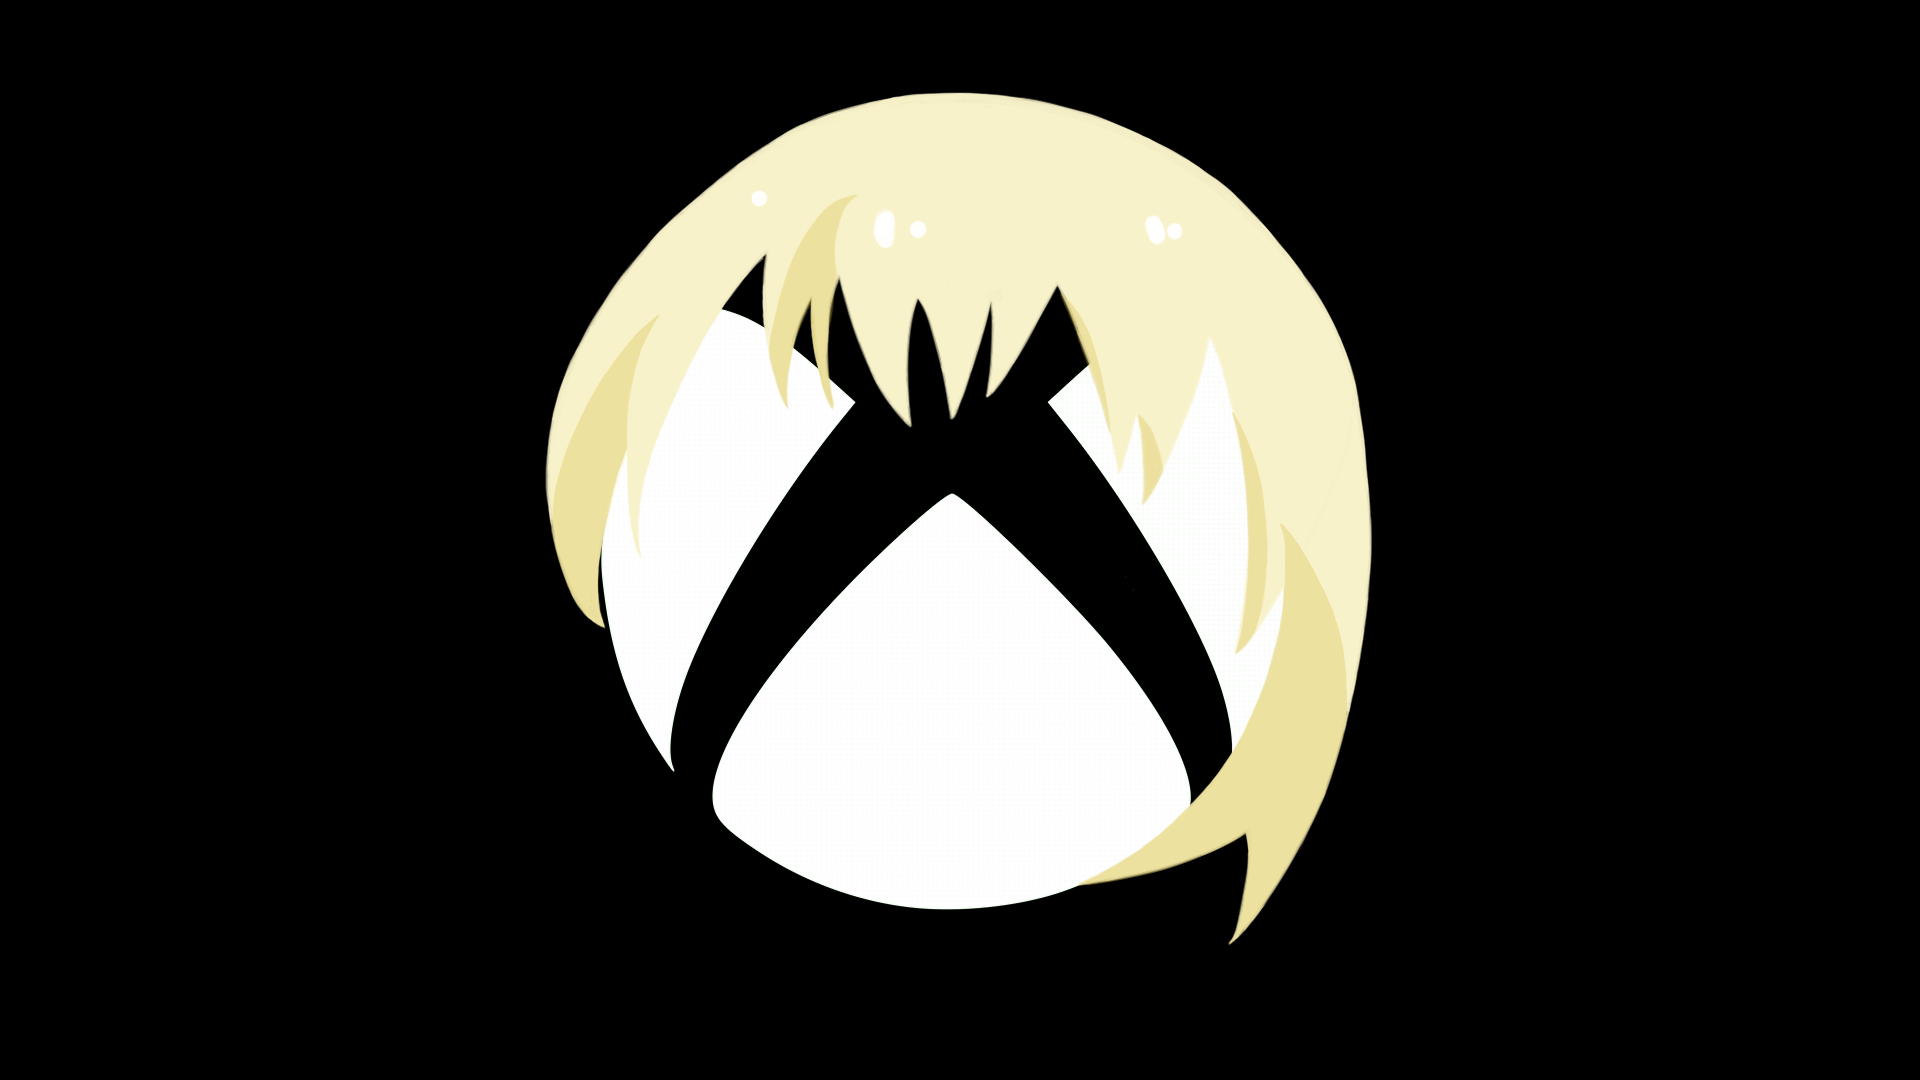 Xbox Elite Wallpaper - WallpaperSafari